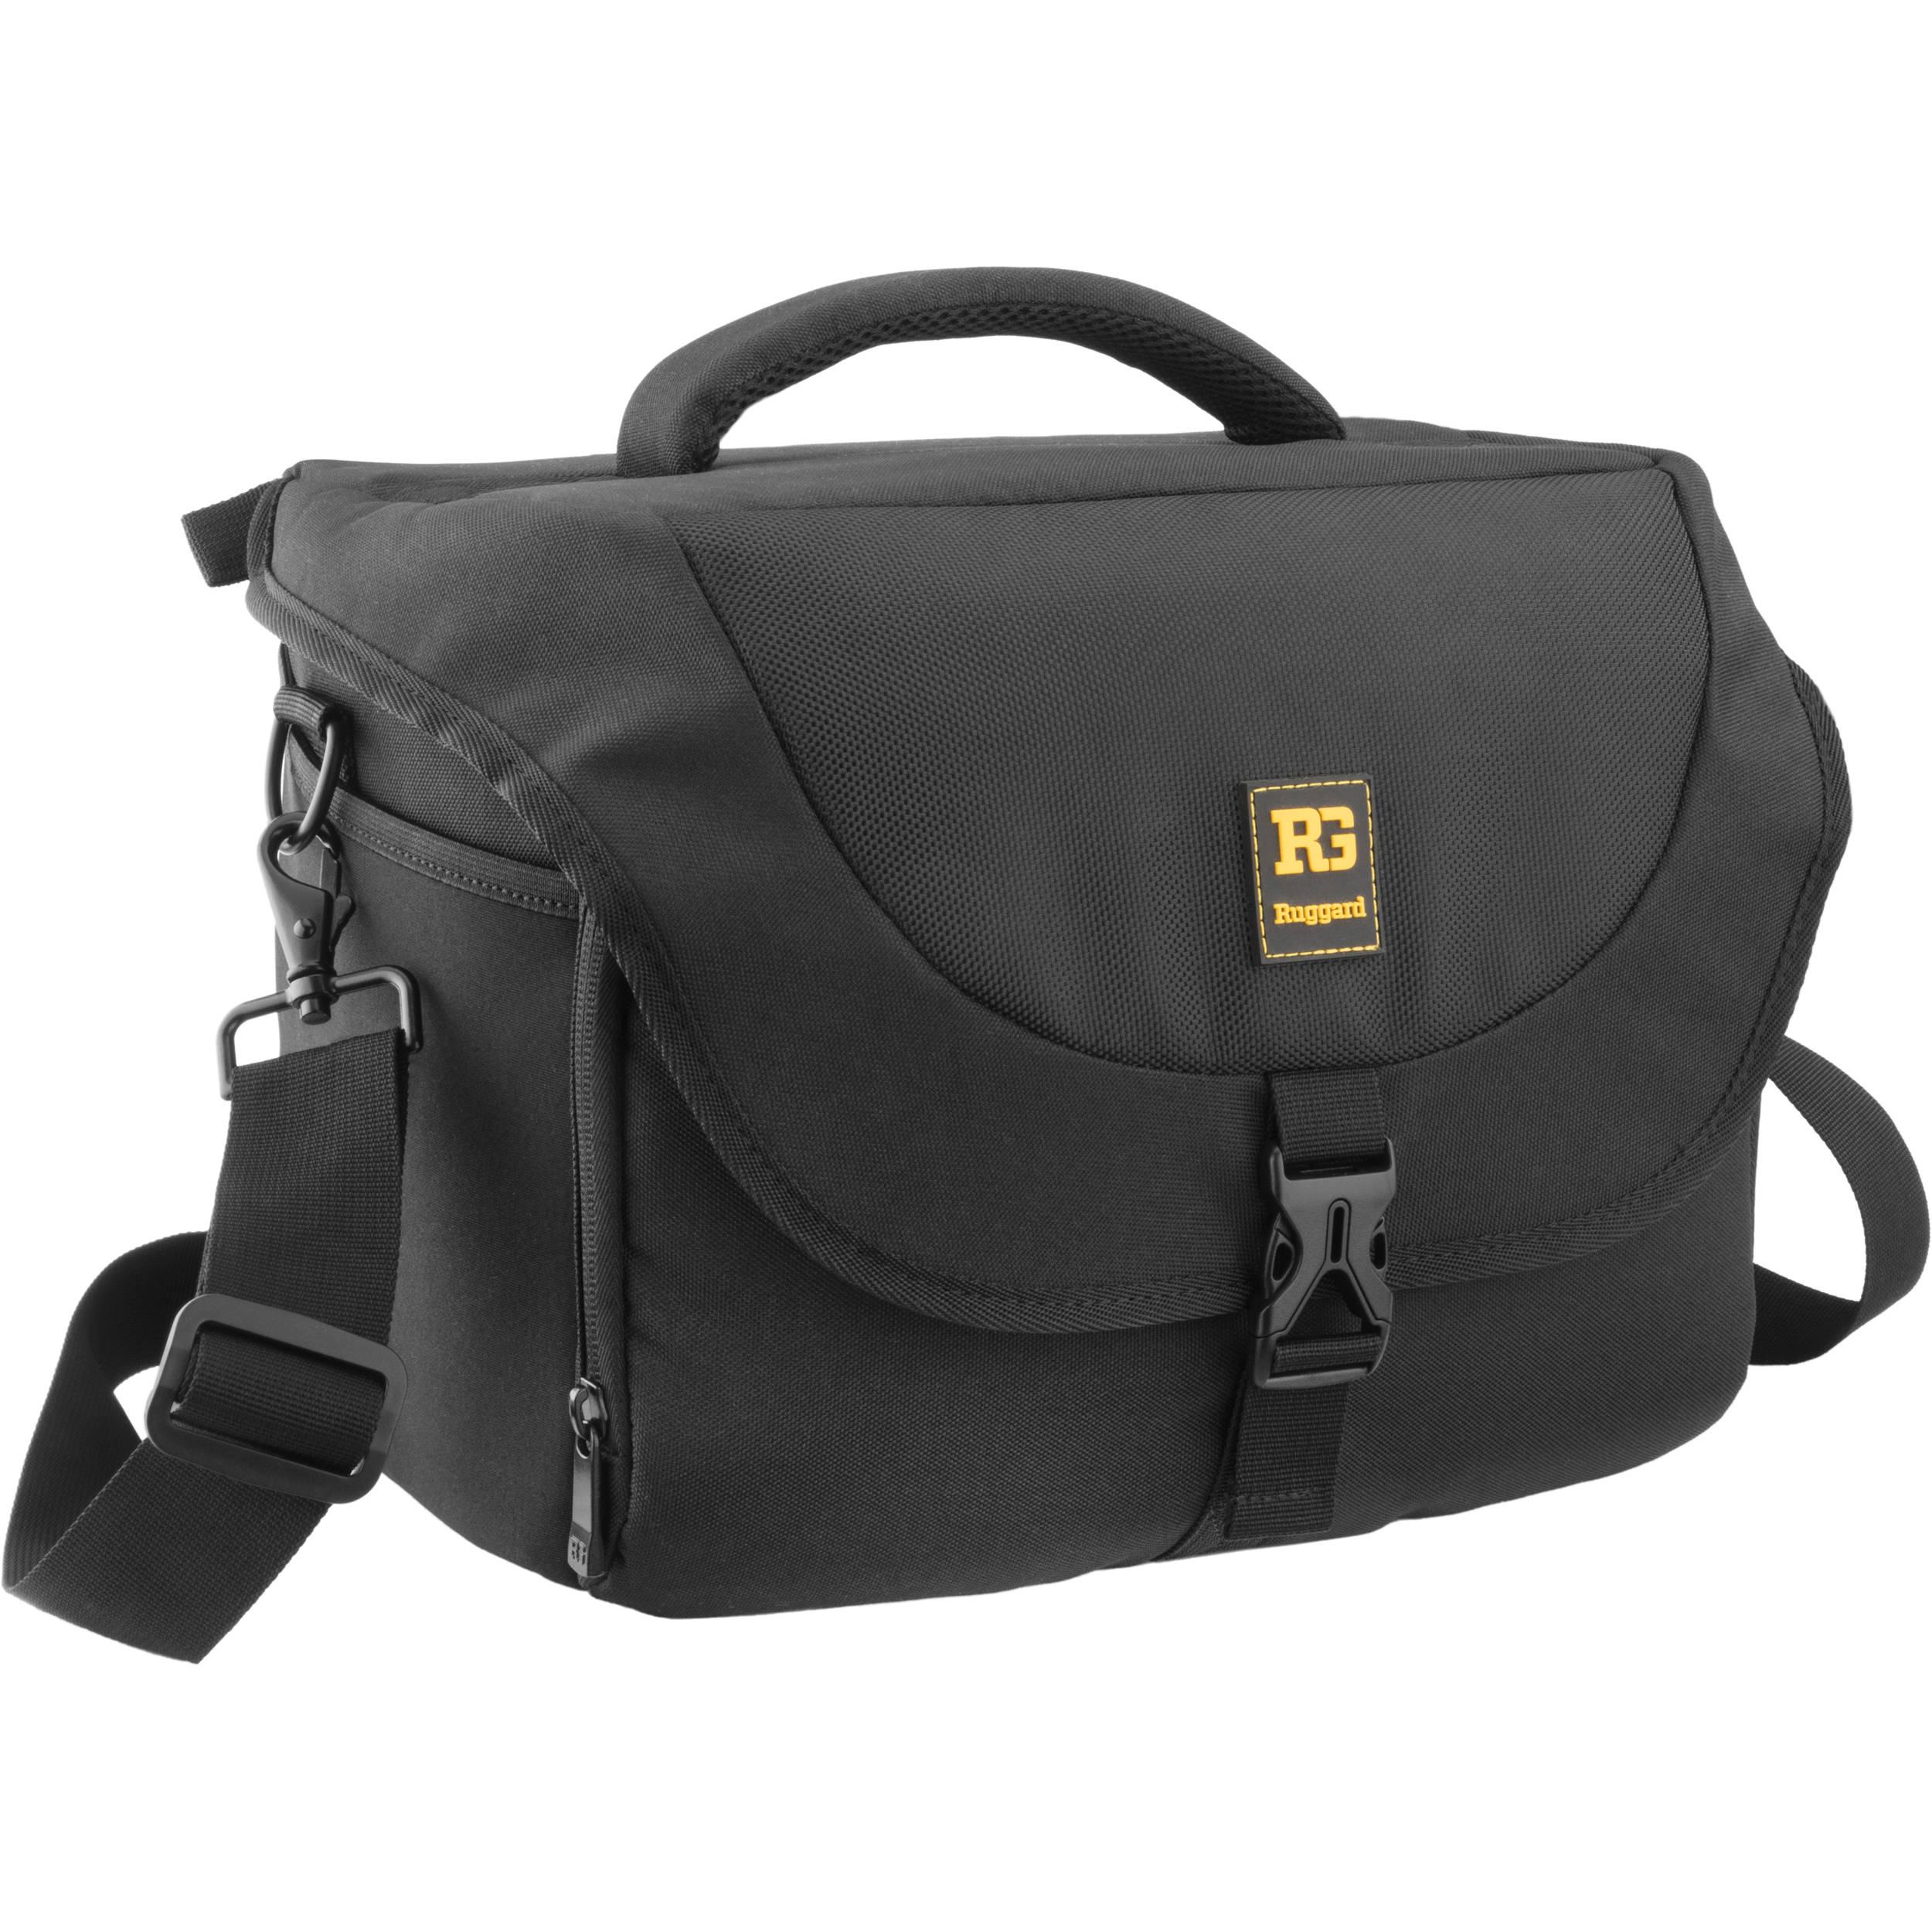 Ruggard Journey 44 DSLR Shoulder Bag (Black) 9c2680ae6eb